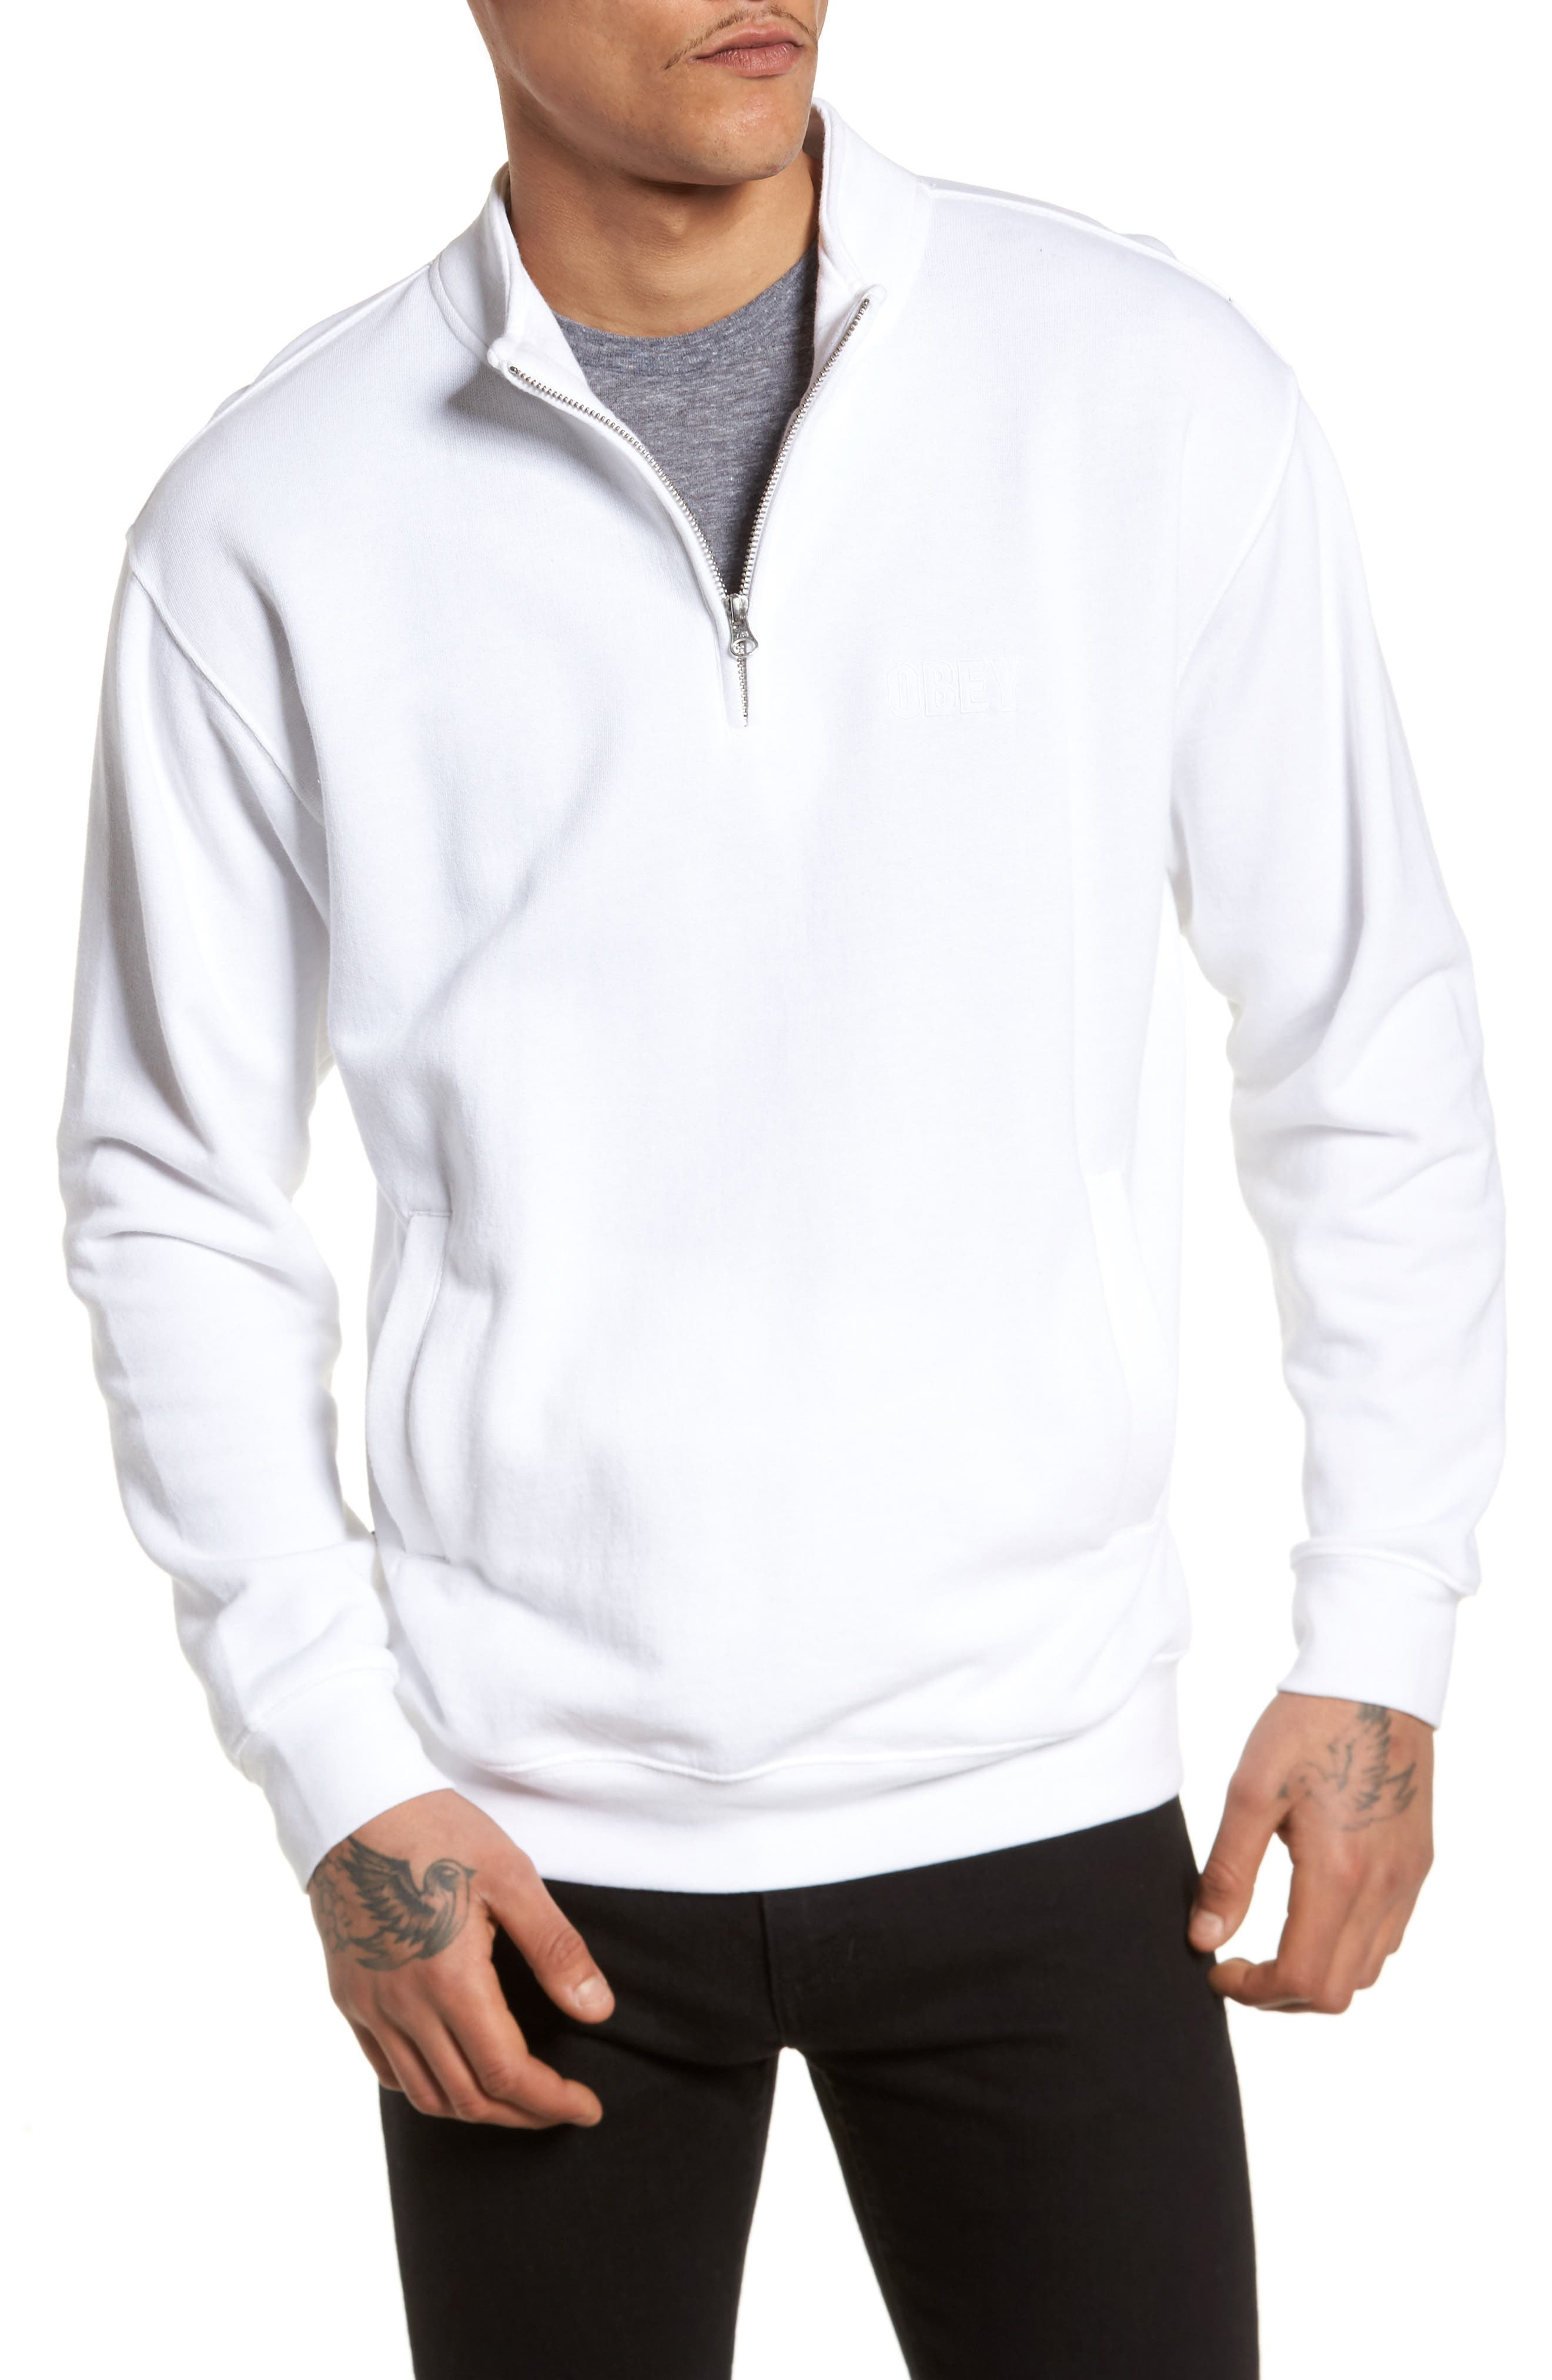 Atomatic Quarter-Zip Fleece Pullover,                             Main thumbnail 1, color,                             100